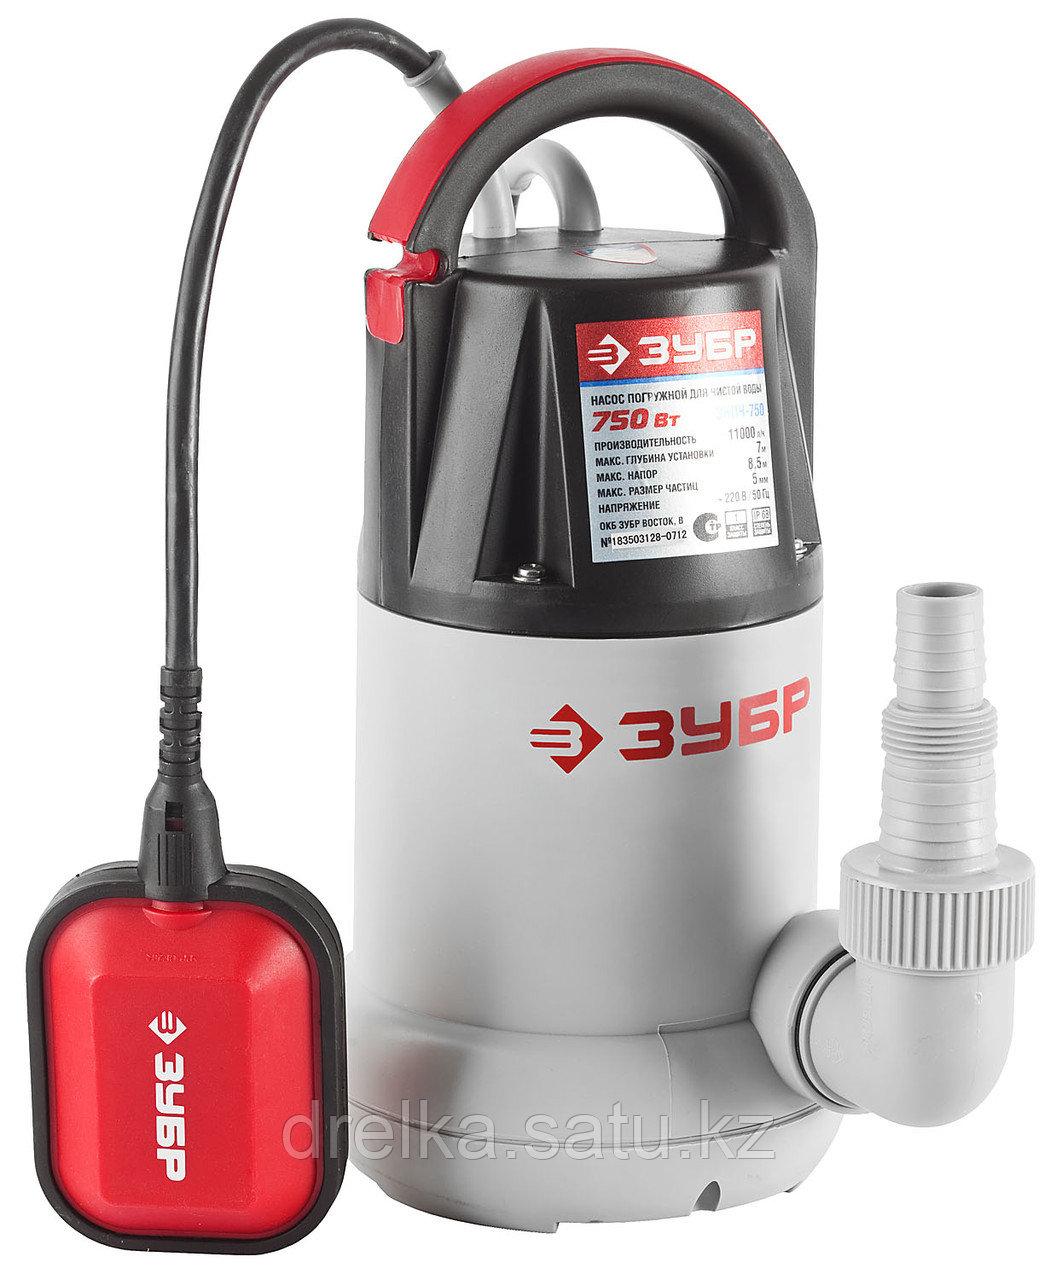 Насос дренажный погружной ЗУБР ЗНПЧ-750, дренажный, для чистой воды, напор 8,5 л, 250 л/мин, 750 Вт.